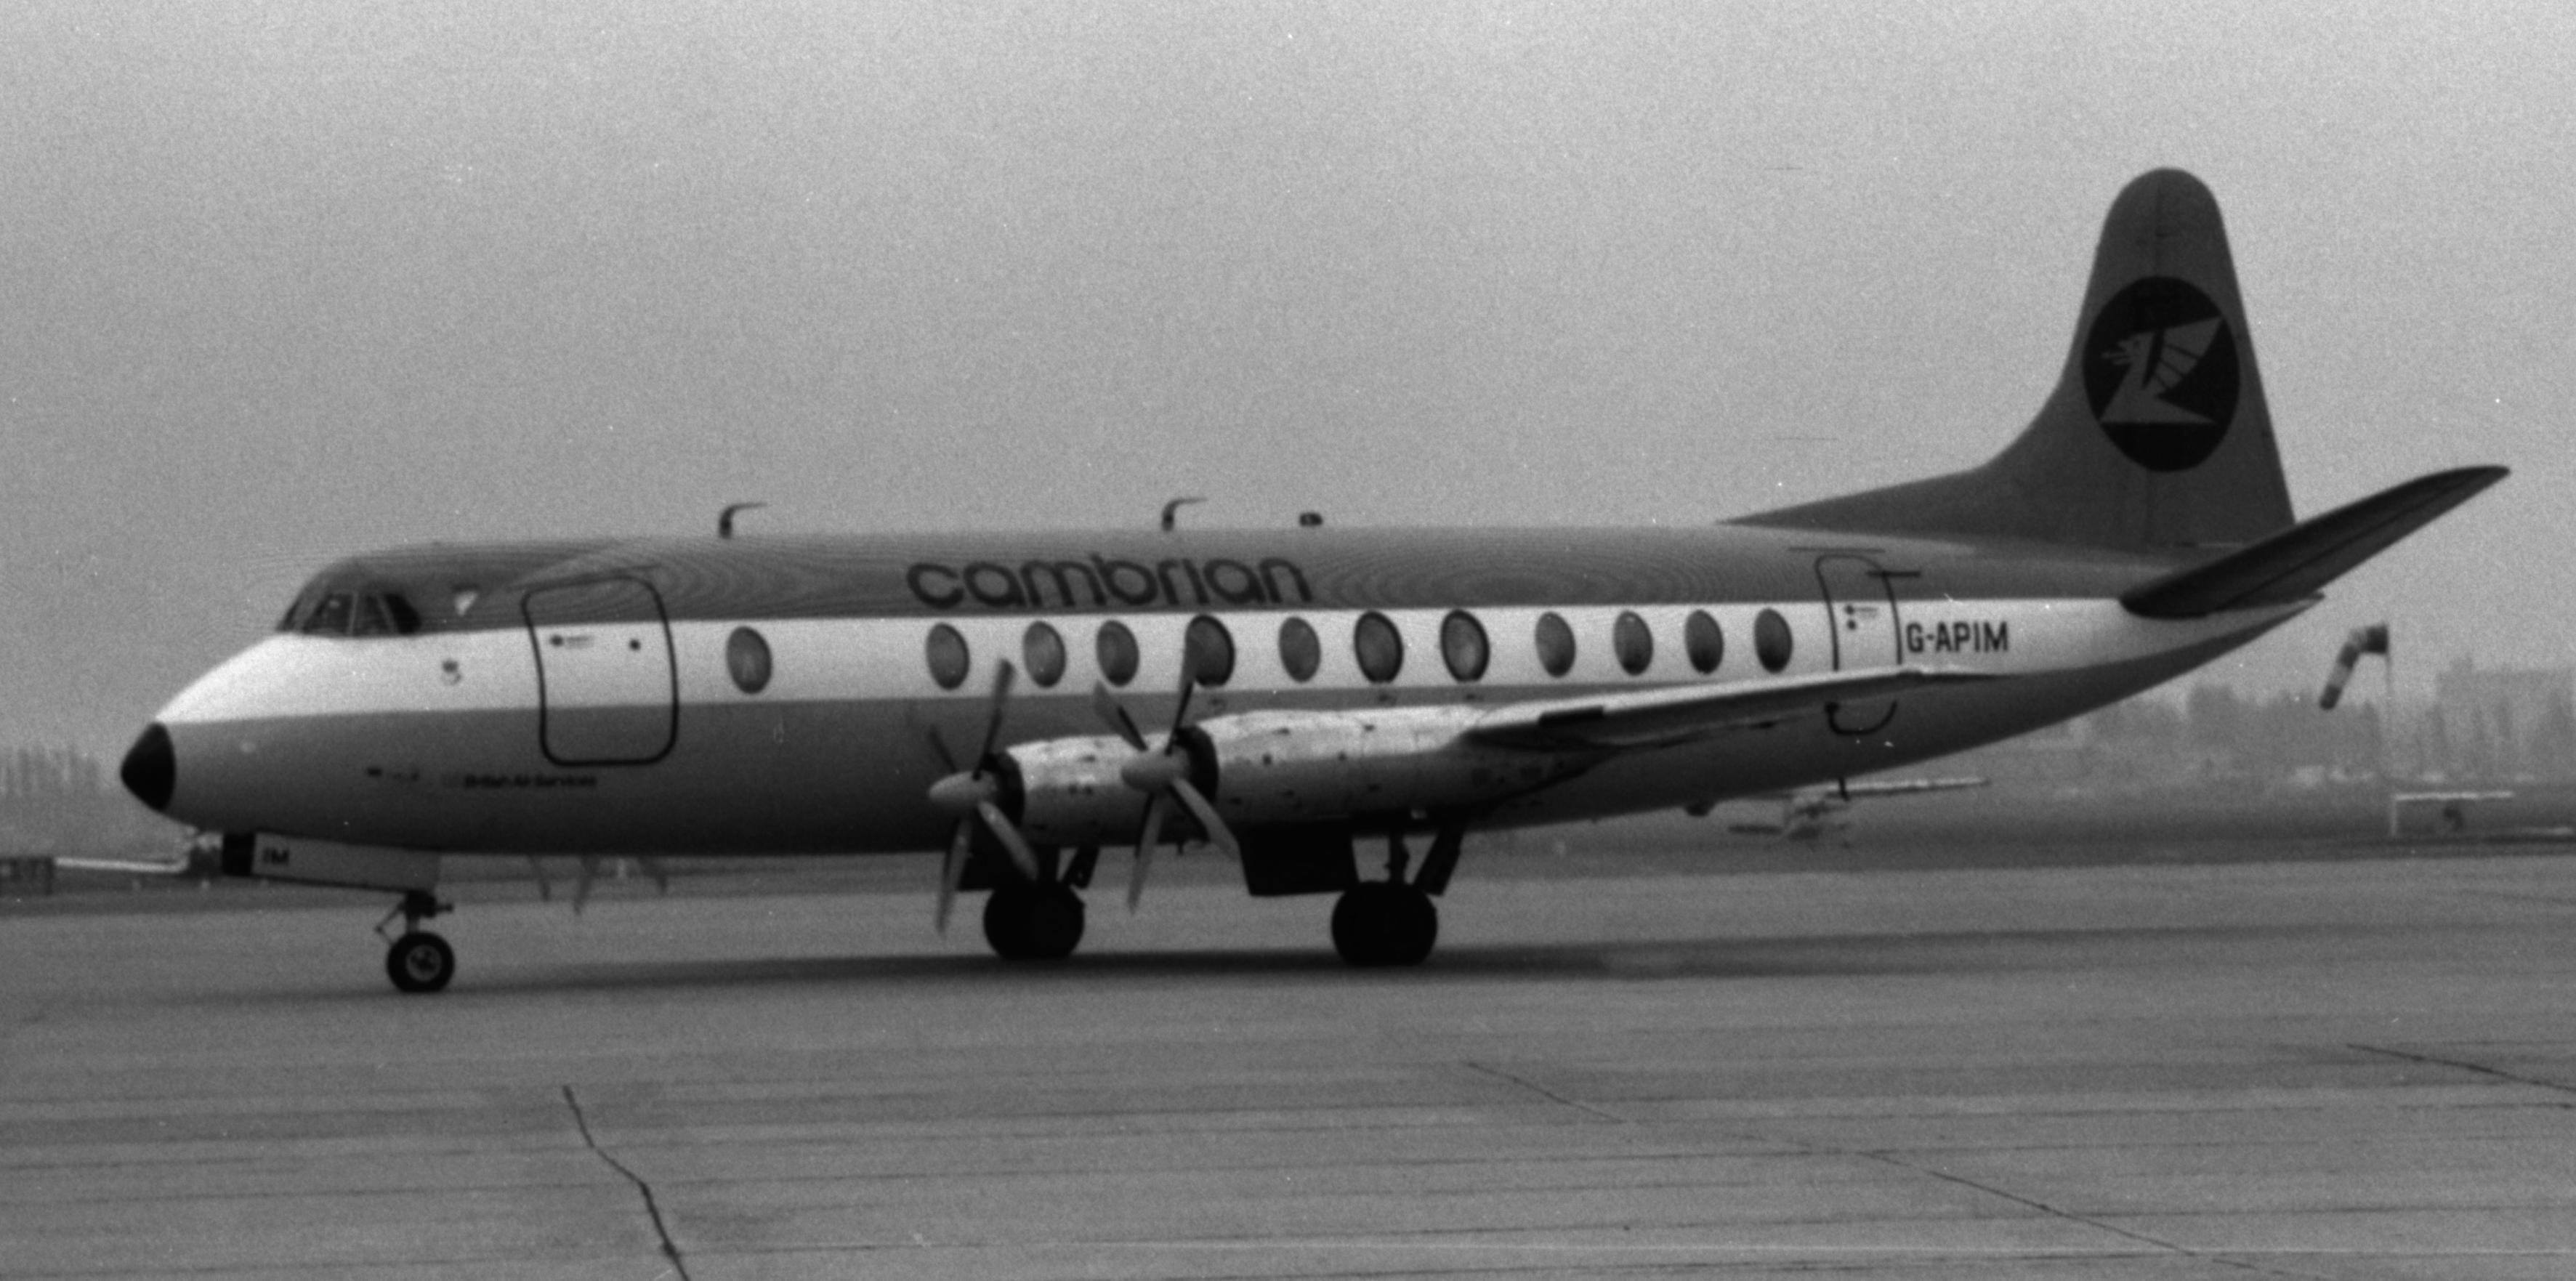 Naam: 12. G-APIM Vickers 813 Viscount Cambrian.jpg Bekeken: 1186 Grootte: 505,7 KB